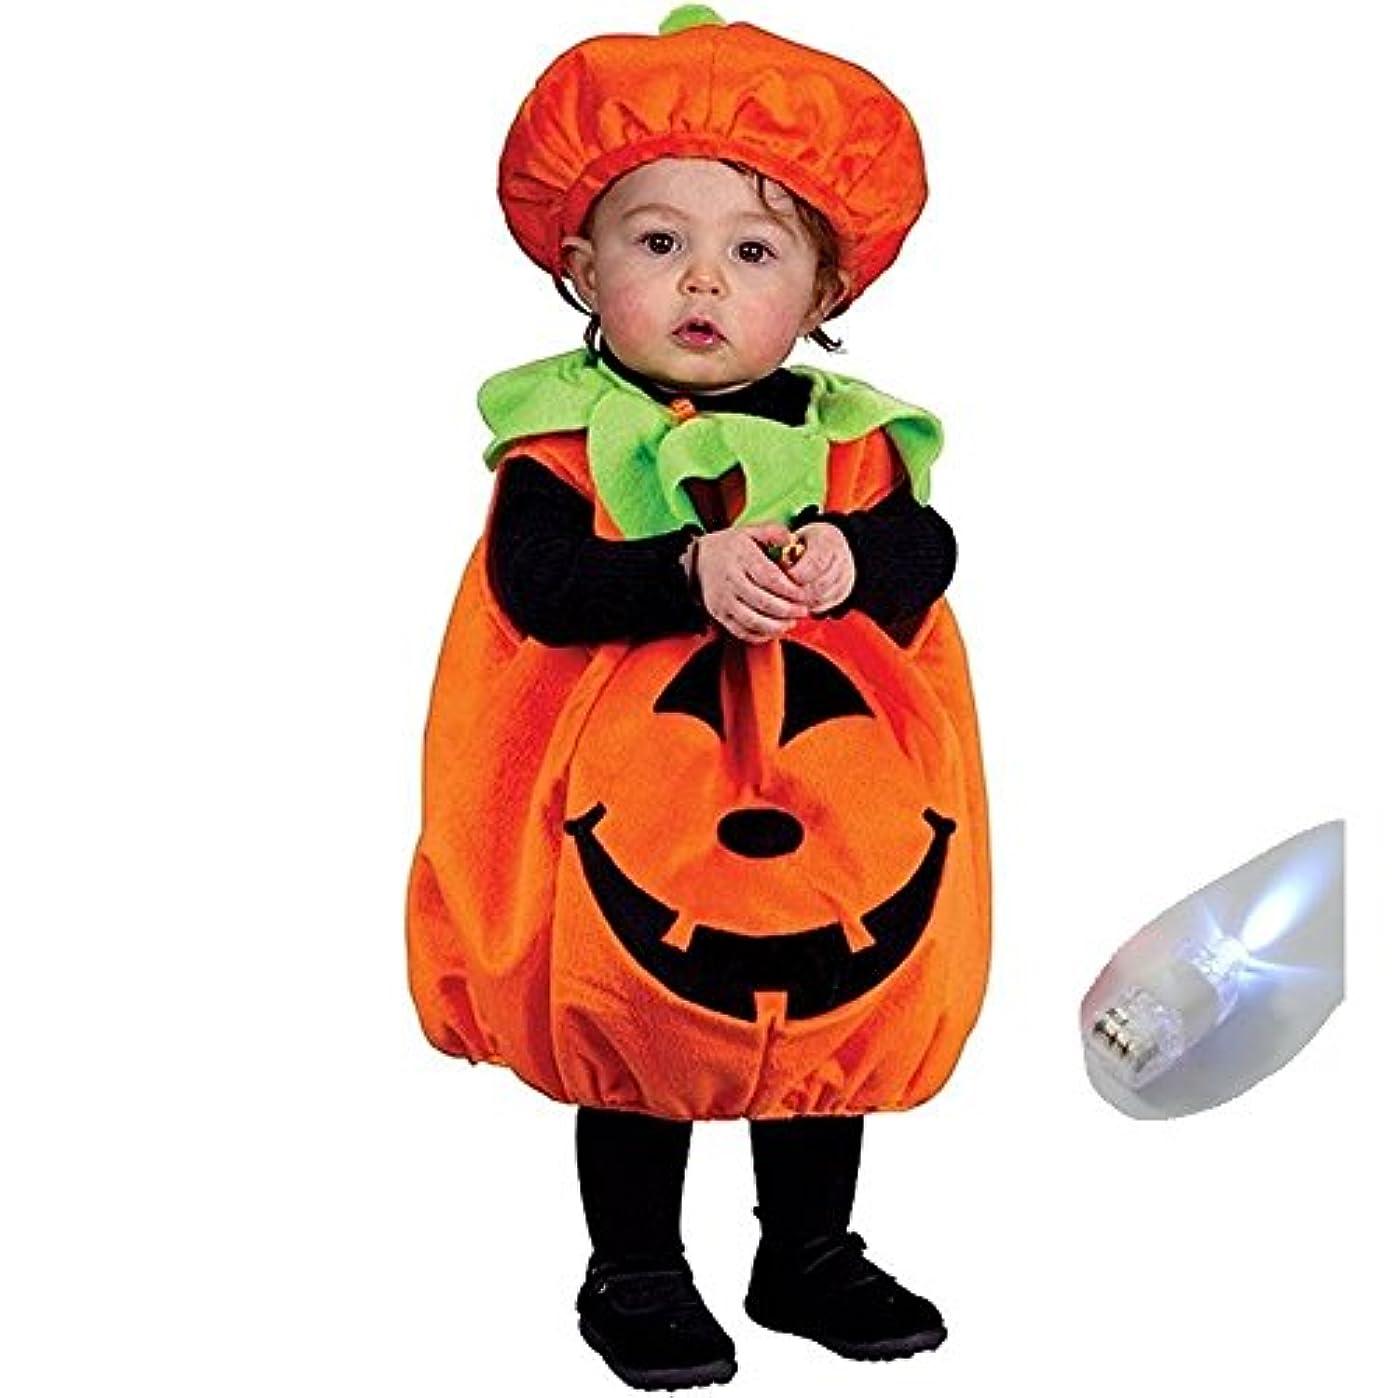 急速な基本的なもろいいろいろハウス ハロウィン 子供用コスプレ ジャックオーランタン かぼちゃ プルオーバー&帽子 パンプキンキッズ かぼちゃの衣装 仮装 パーティやイベント?写真に最適 フィンガーライトのおまけ付 la010017b01